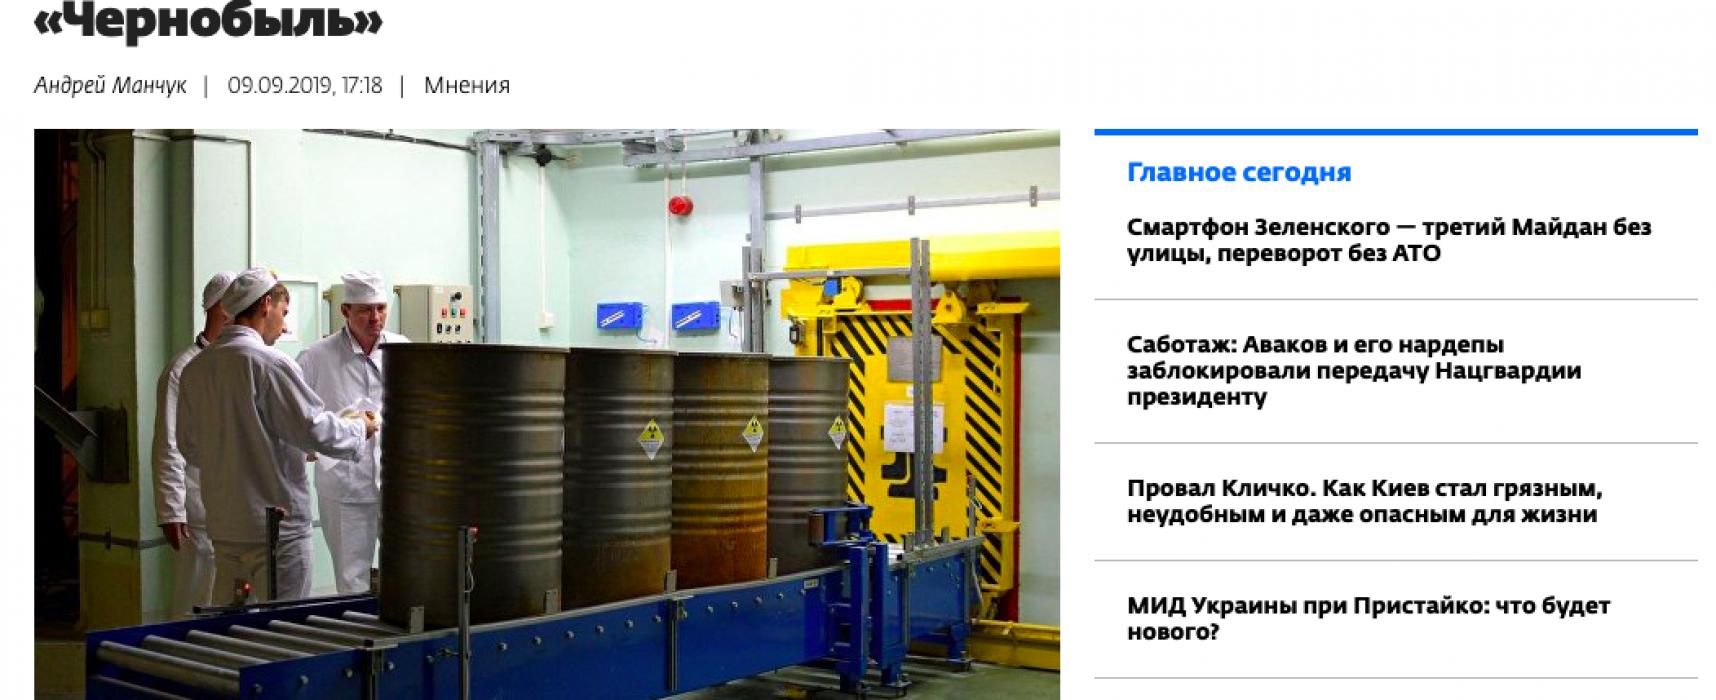 Фейк: Украина превращается в ядерный могильник, стране грозит «второй Чернобыль»